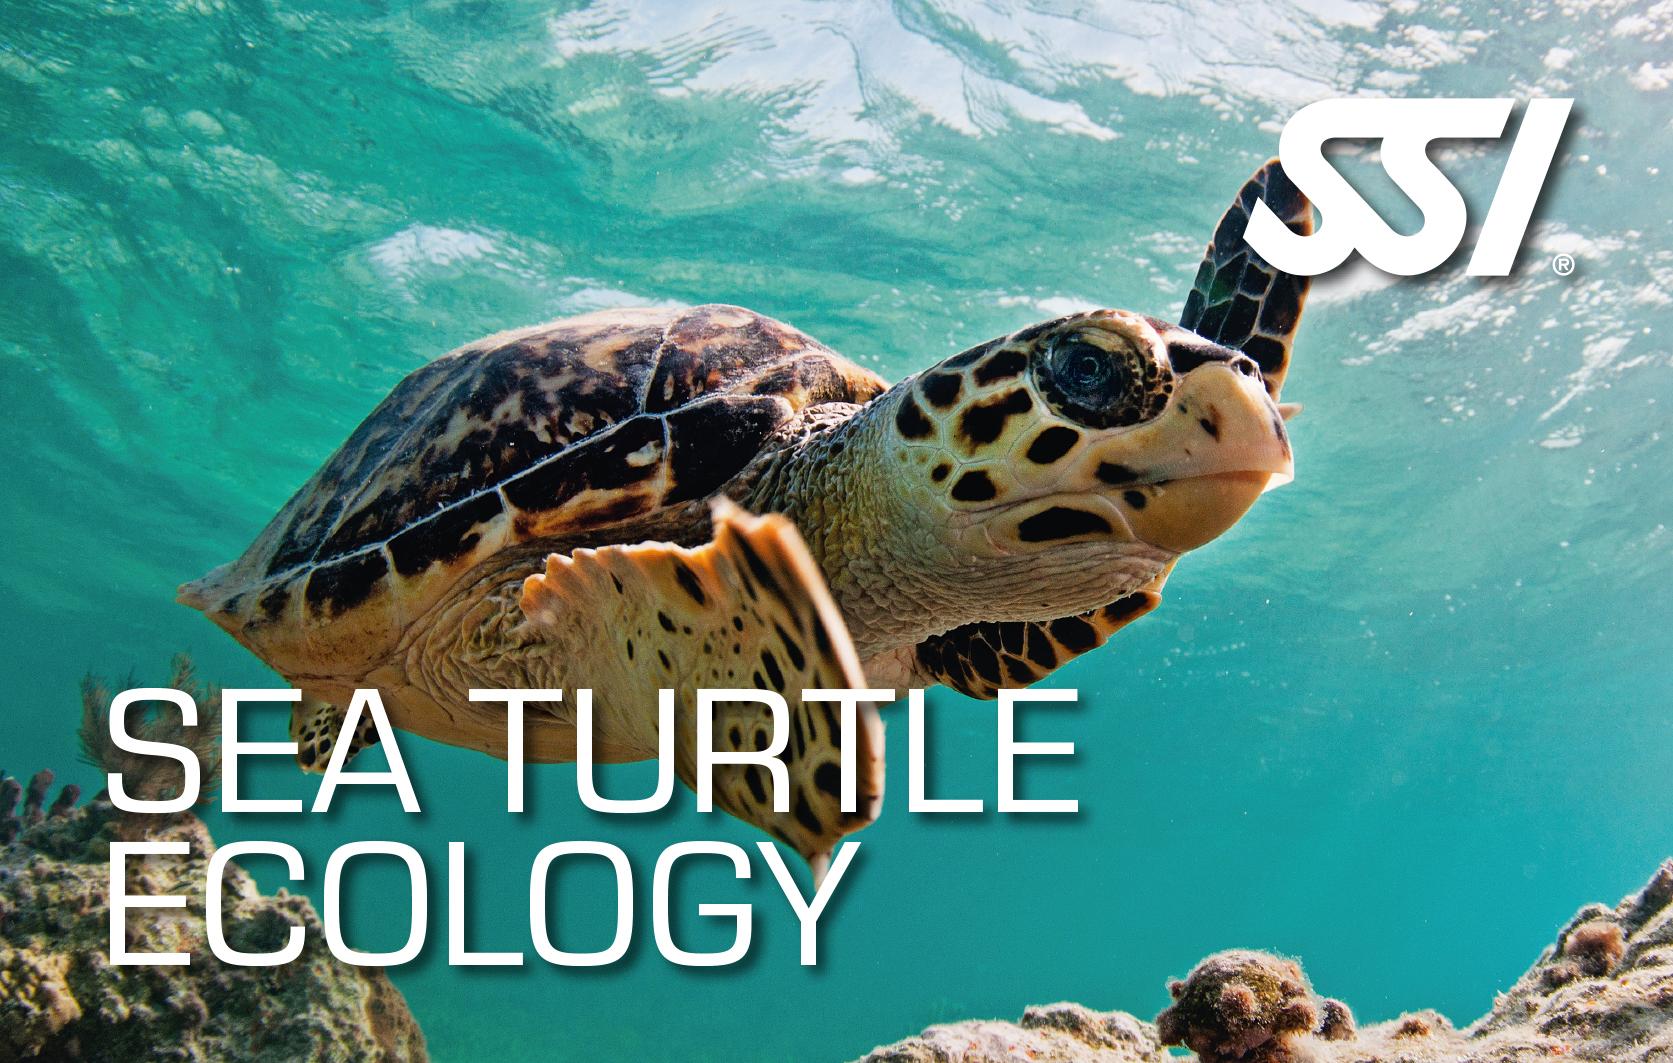 Seeschildkröten Ökologie